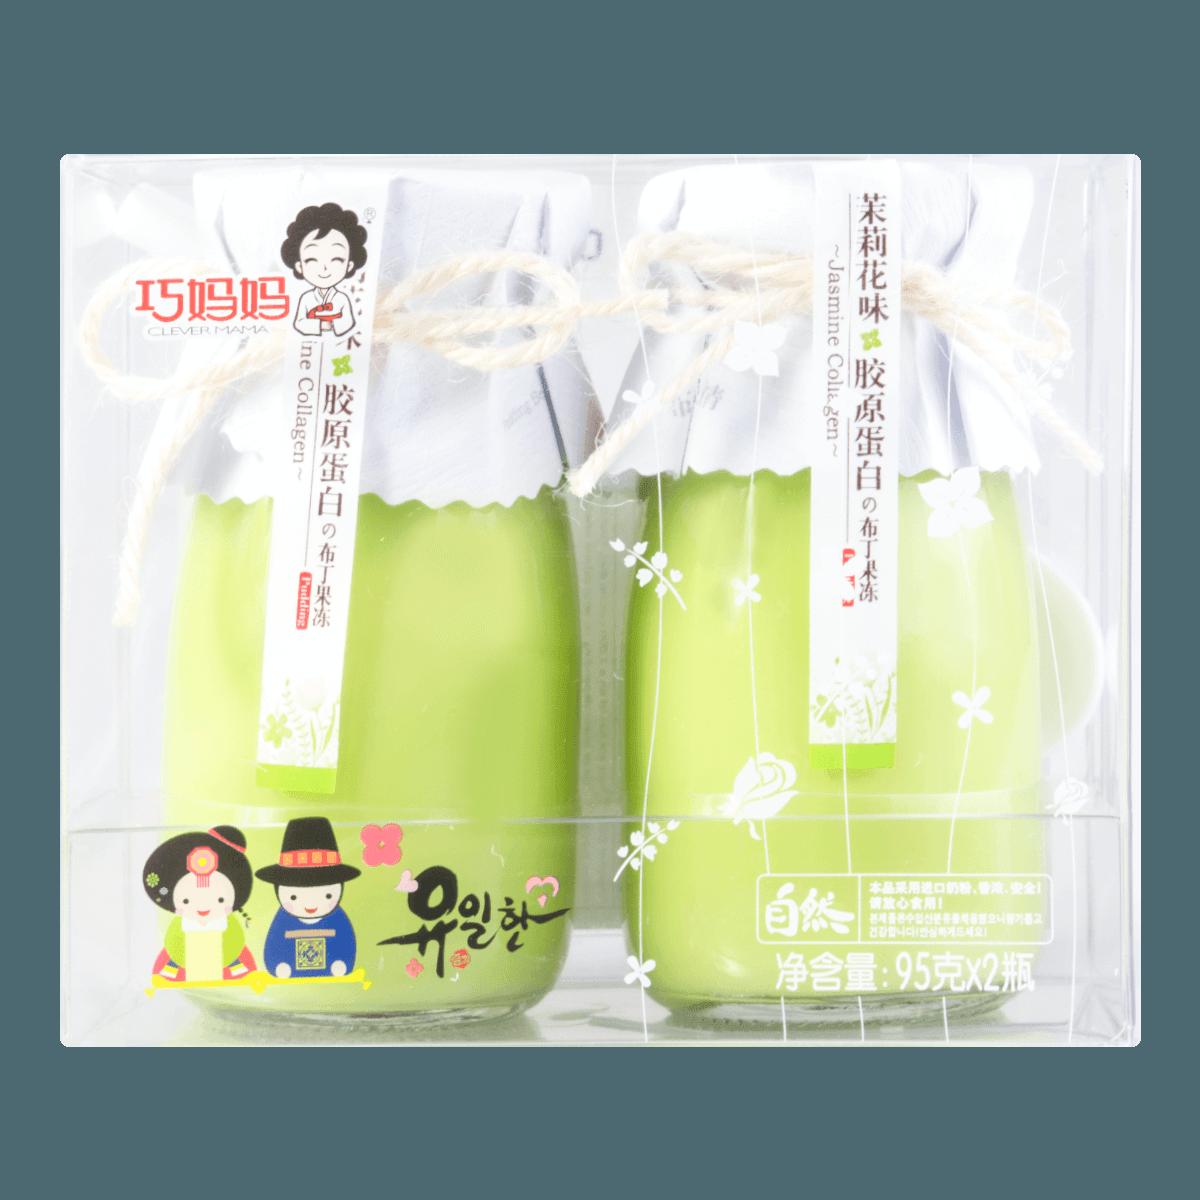 韩国巧妈妈 胶原蛋白布丁 茉莉花味 2瓶入 190g